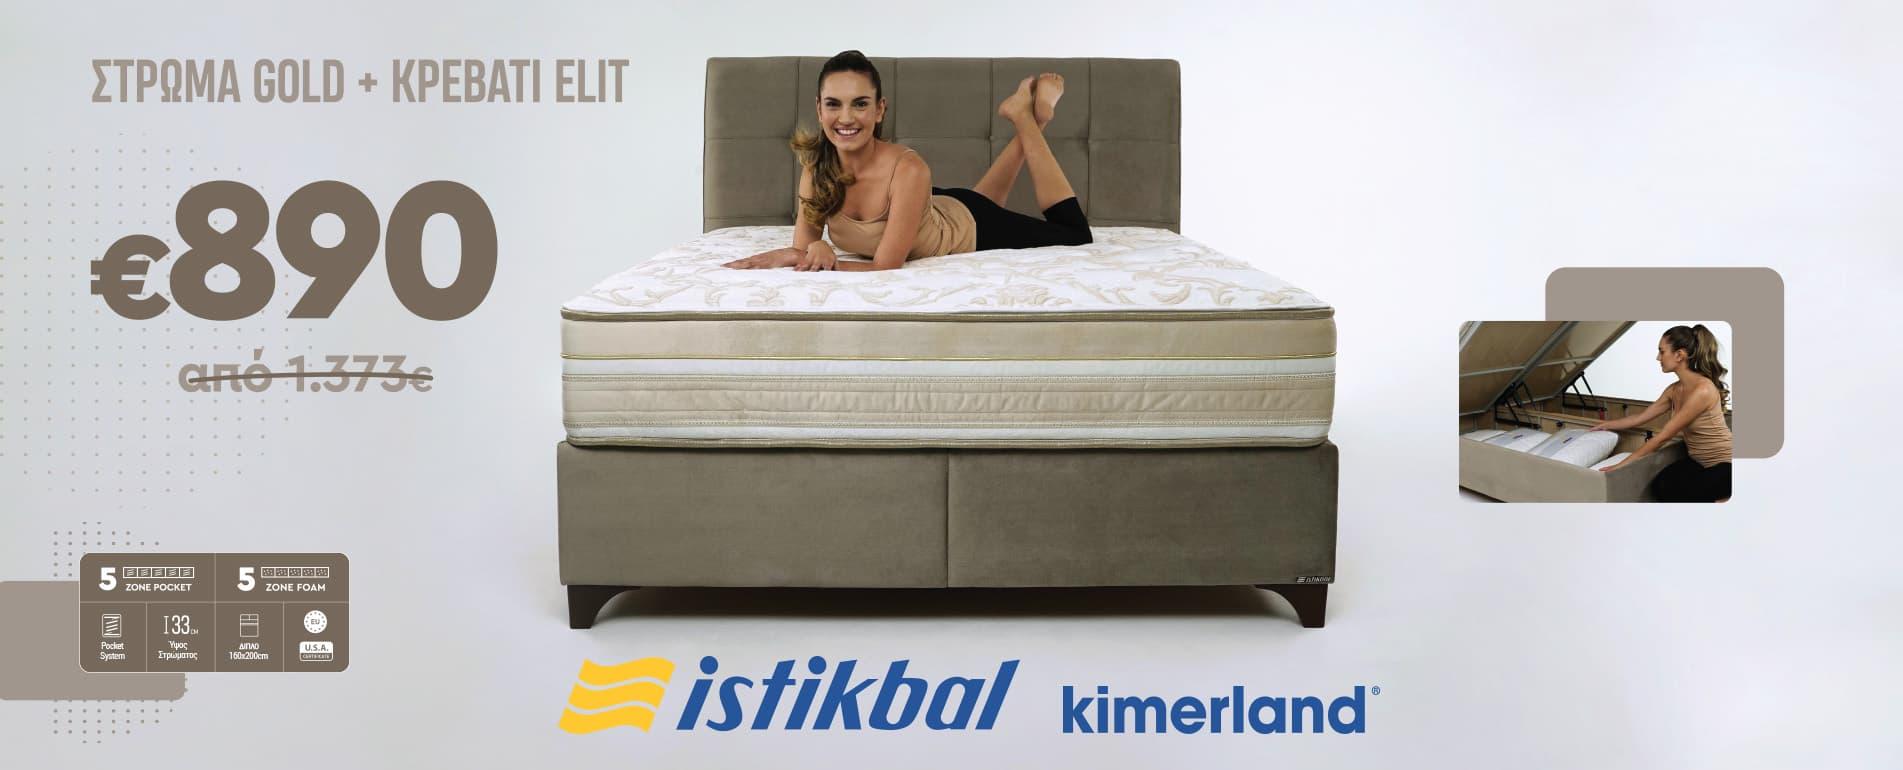 Προσφορά: Gold Elite Στρώμα + Κρεβάτι